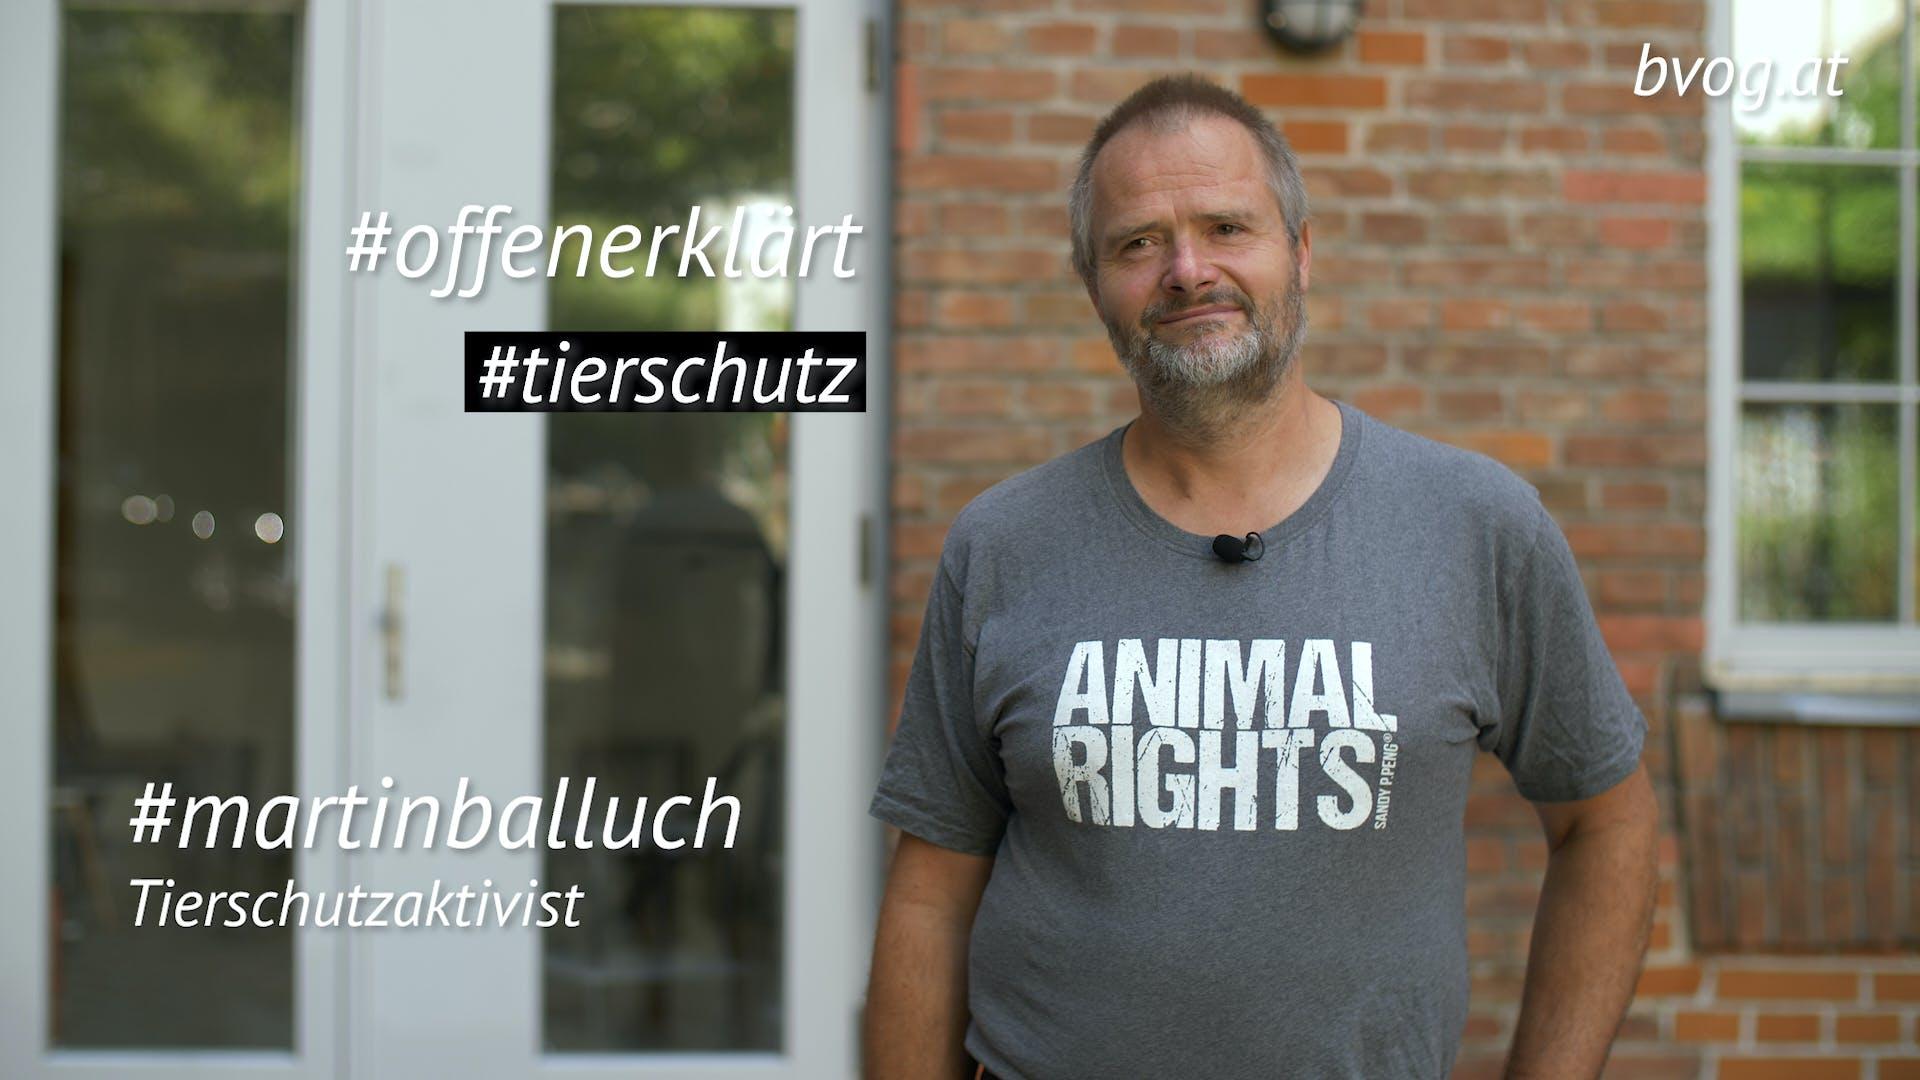 Hintergründe: Tierschutz - Martin Balluch